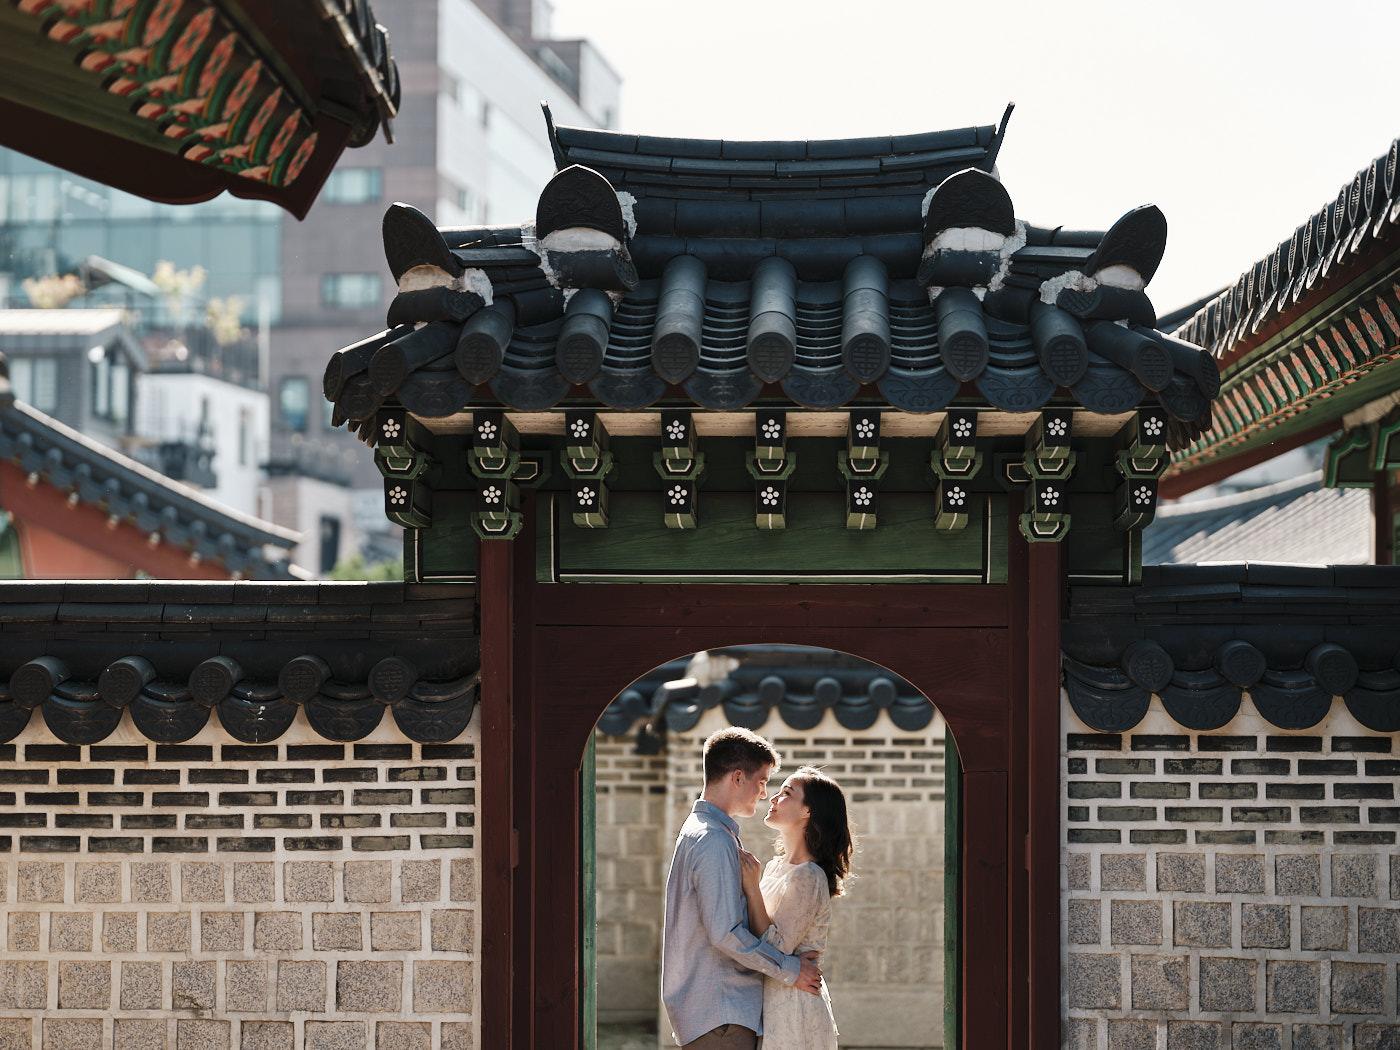 Beautiful Palace Doorway at Changdeokgung